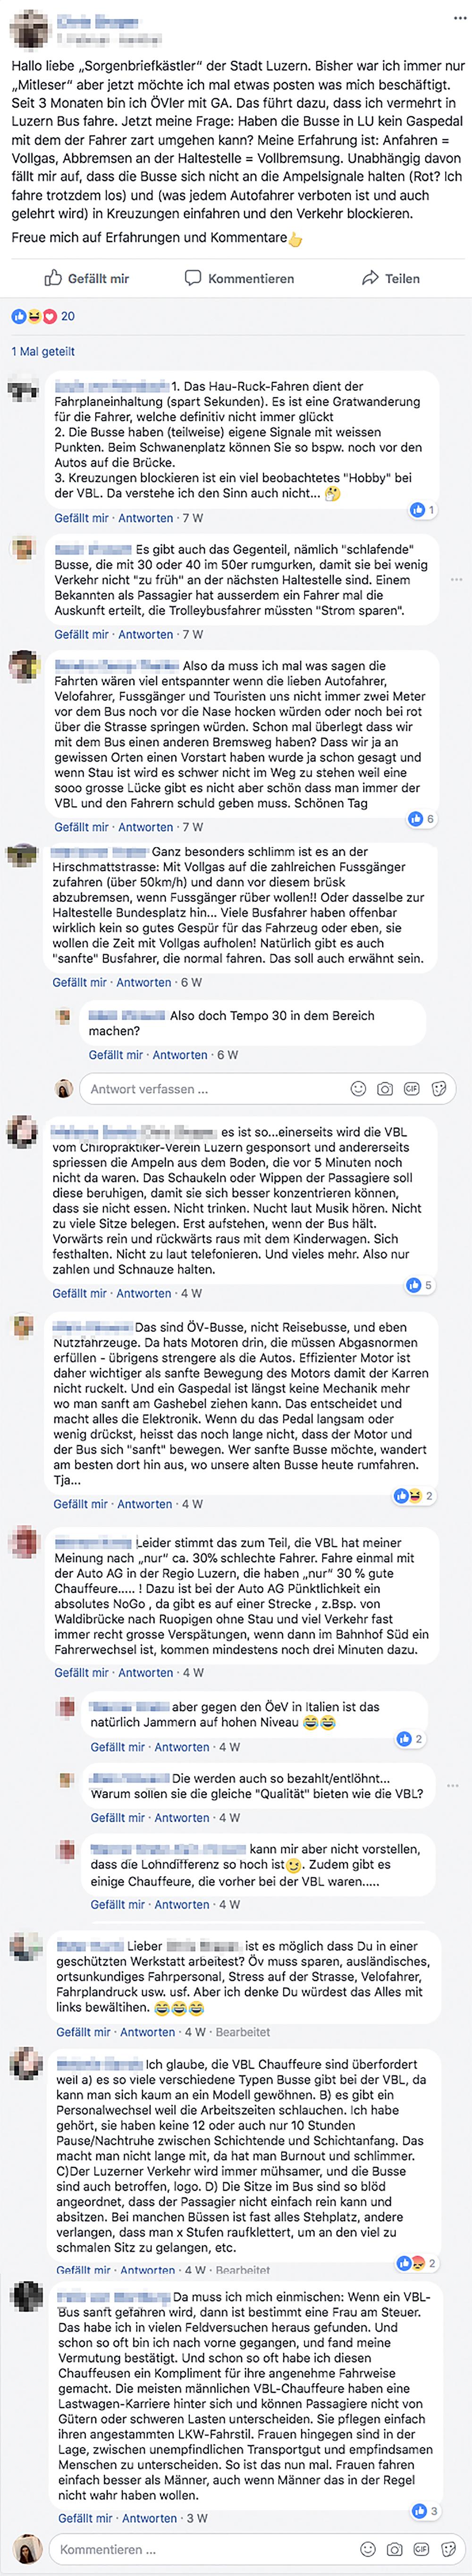 Angeregte Diskussion und kritische Stimmen auf Facebook zu den Fahrweisen der Buschauffeure.